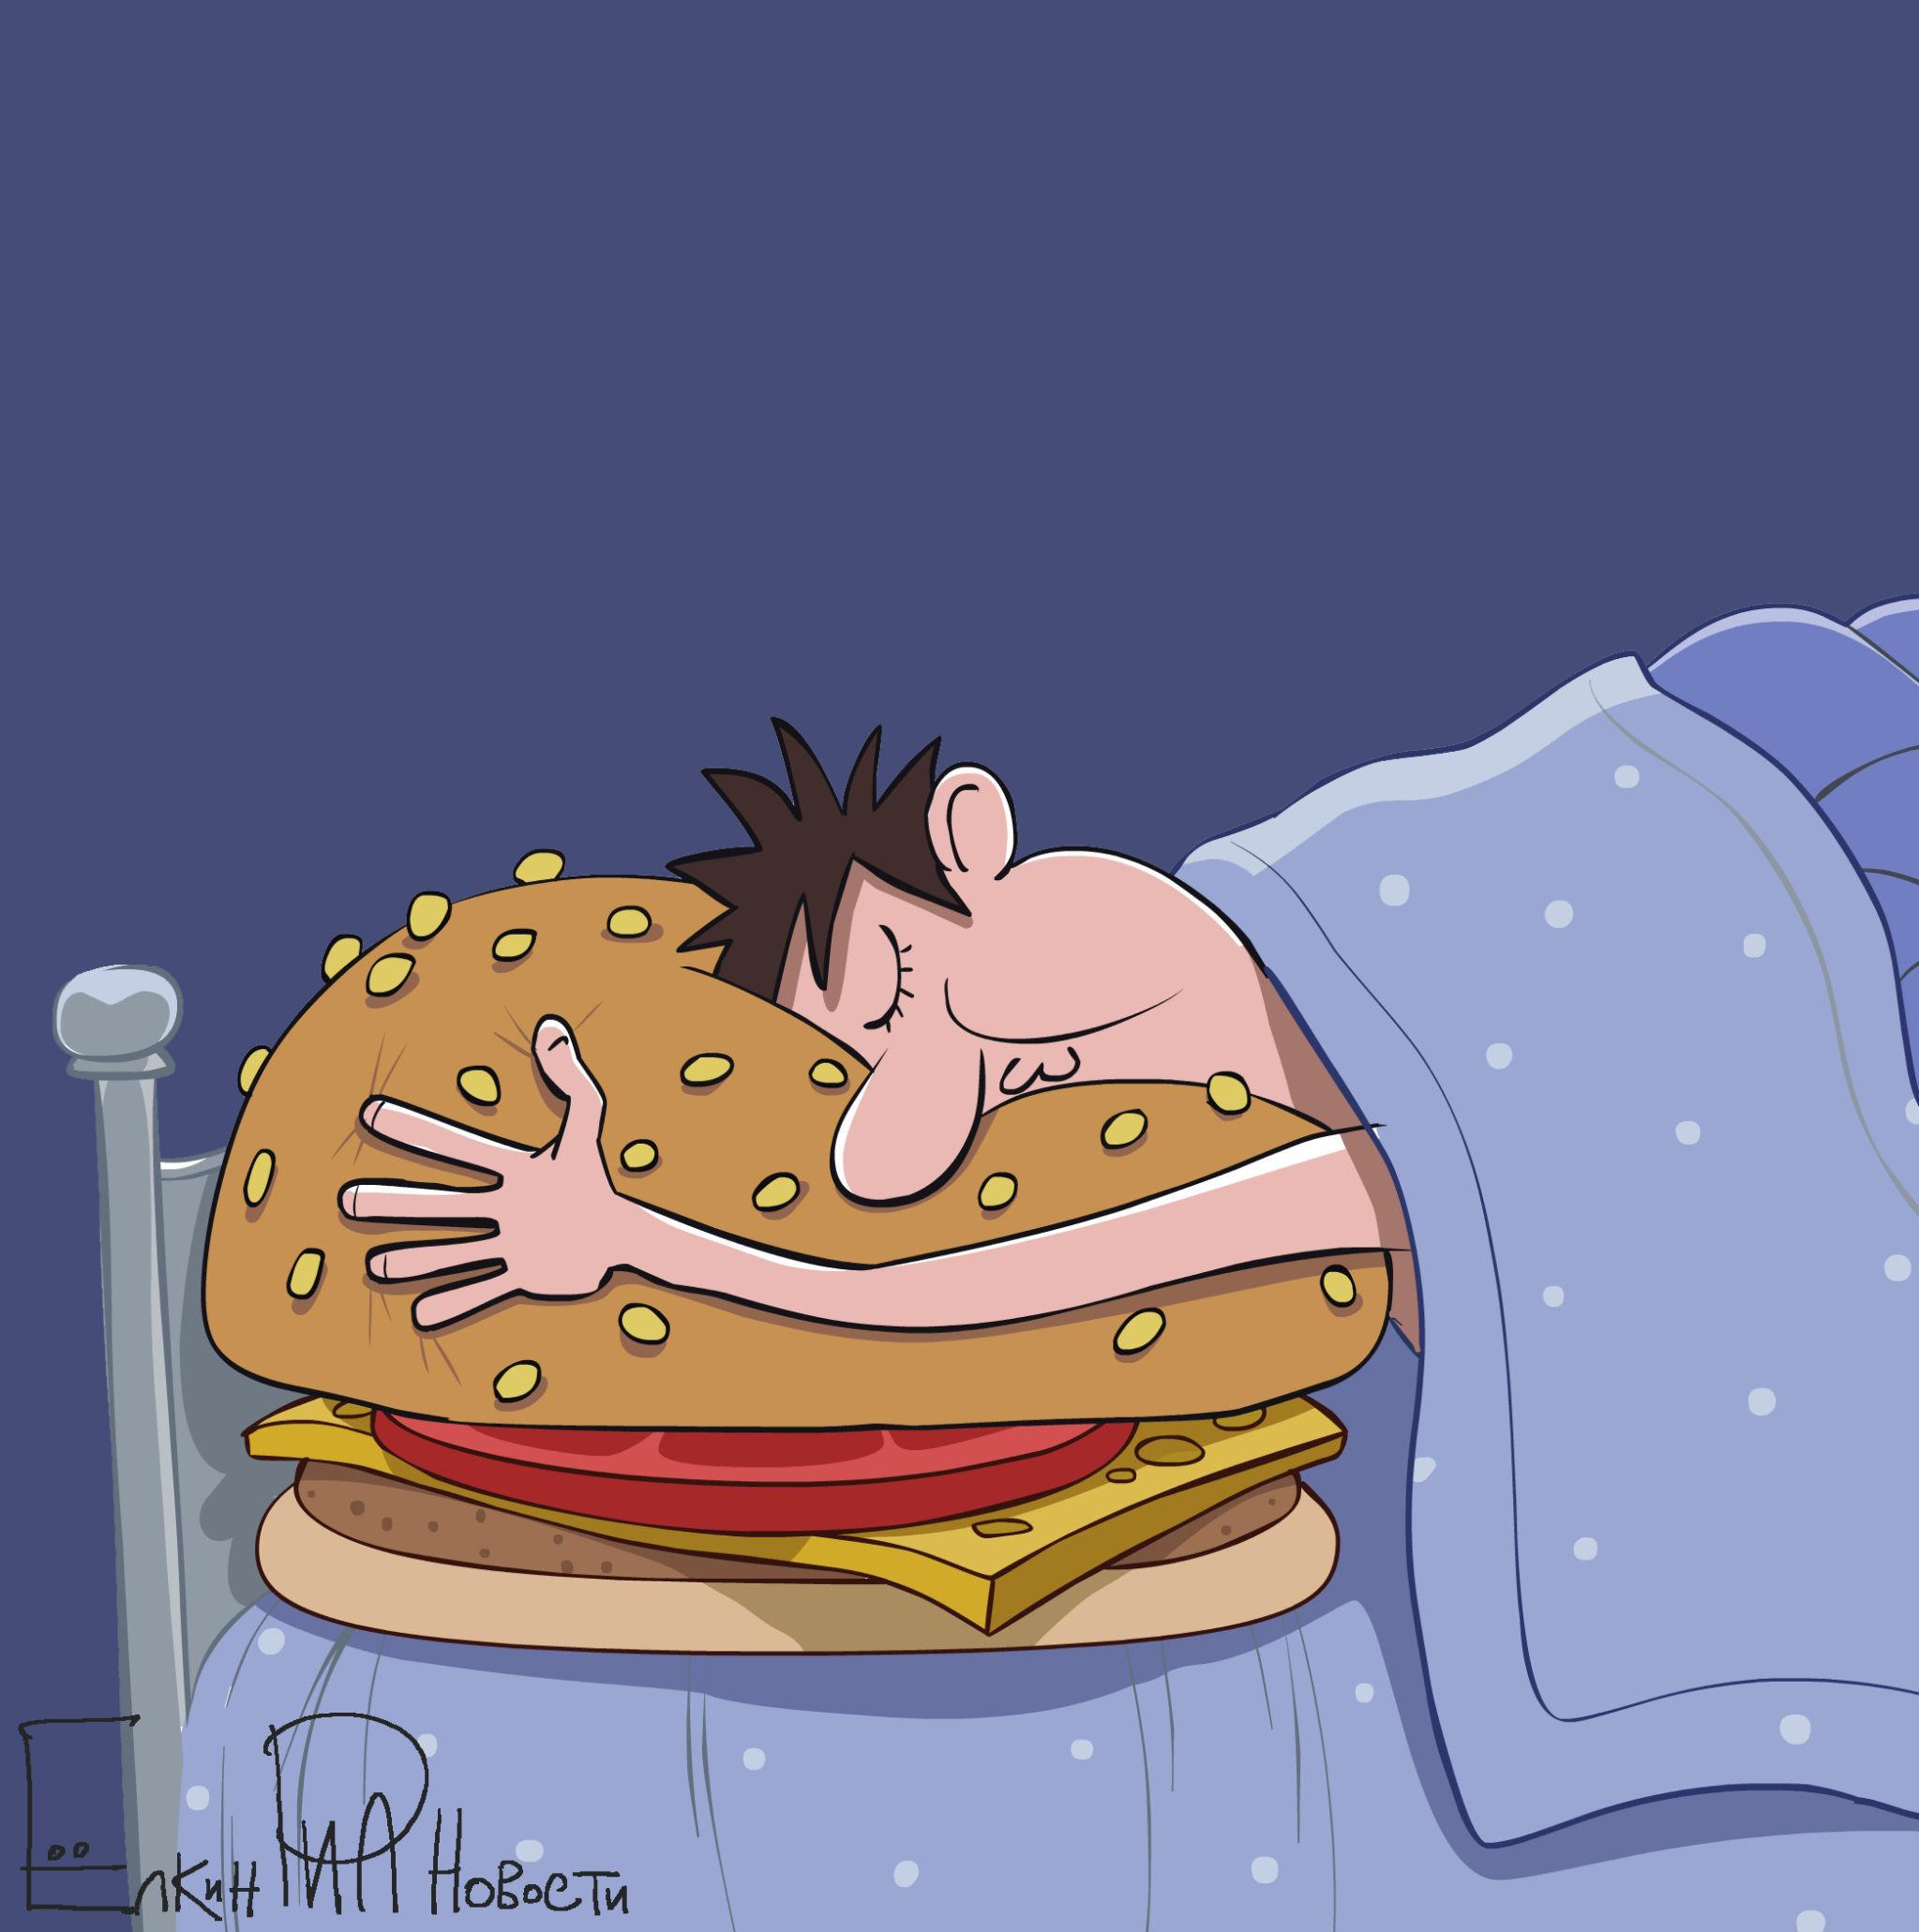 高质量睡眠是减少体重的重要方式